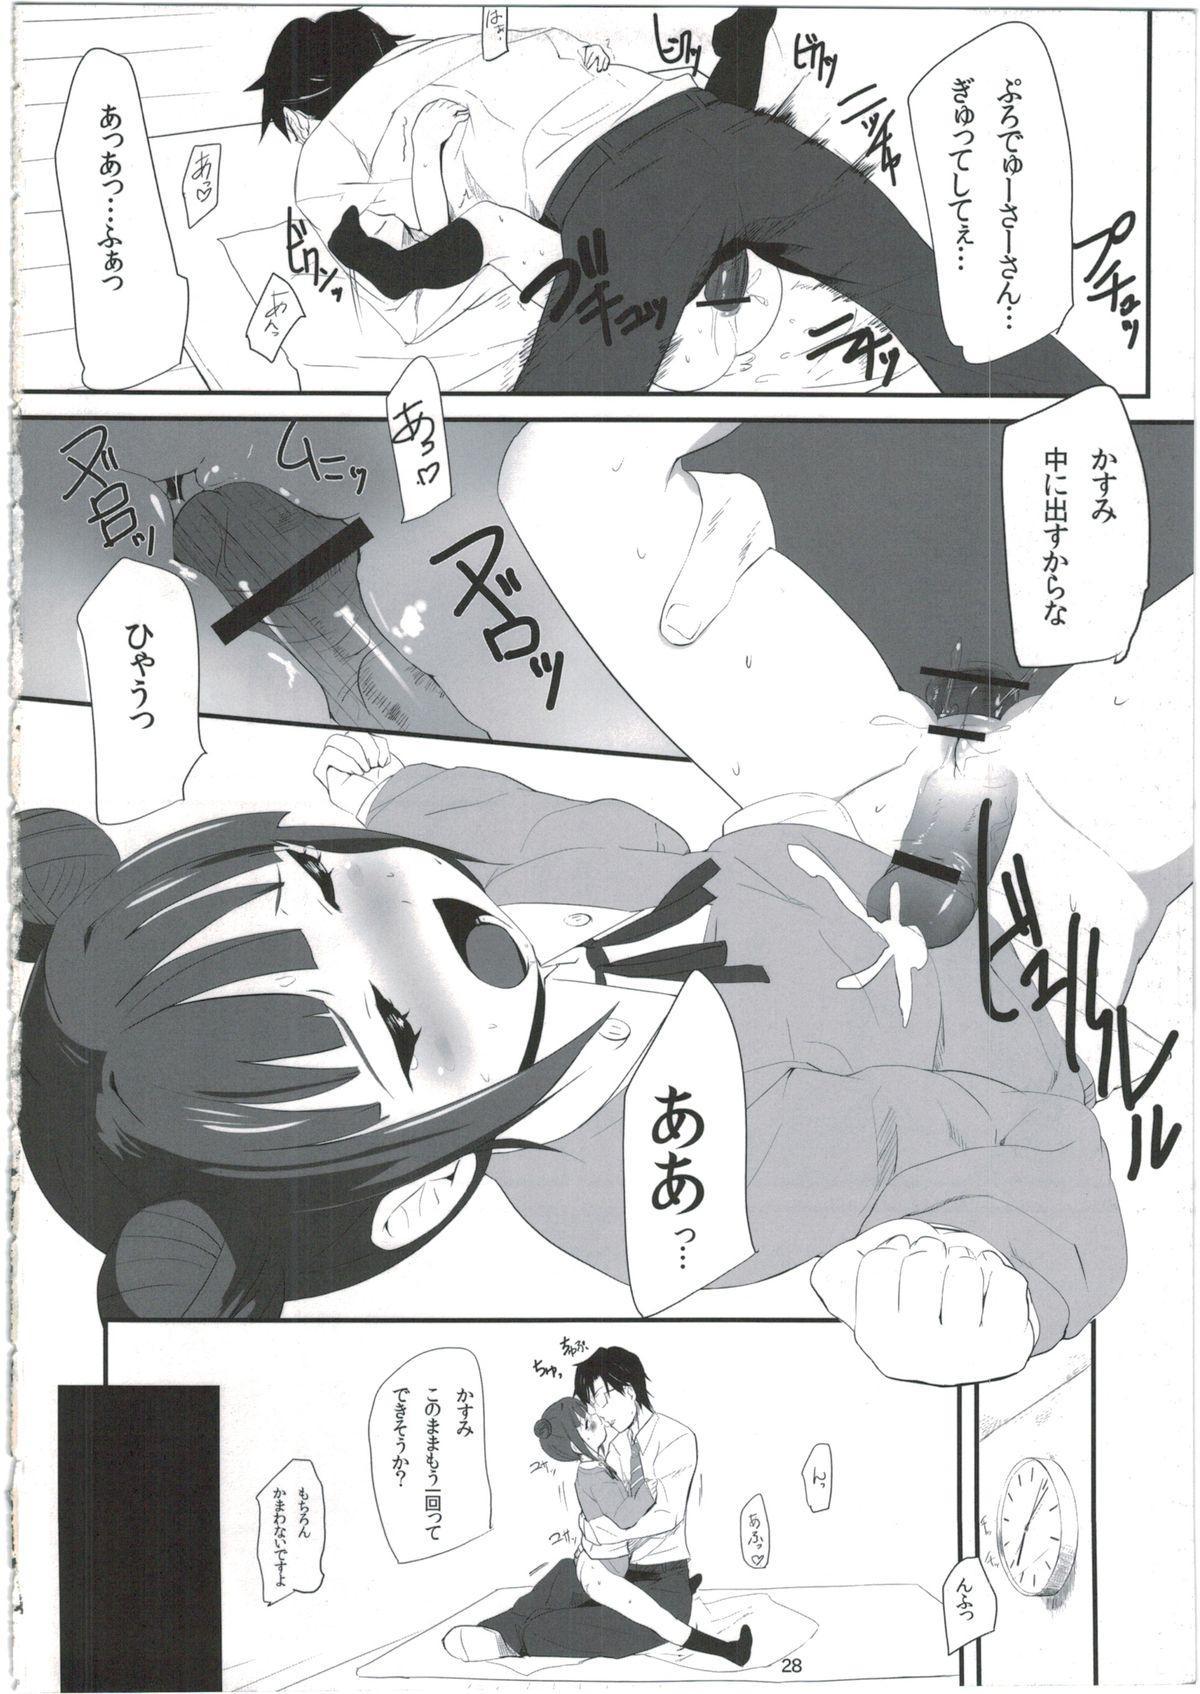 Mami_Kasumi_Oshiri Ecchi+ 27